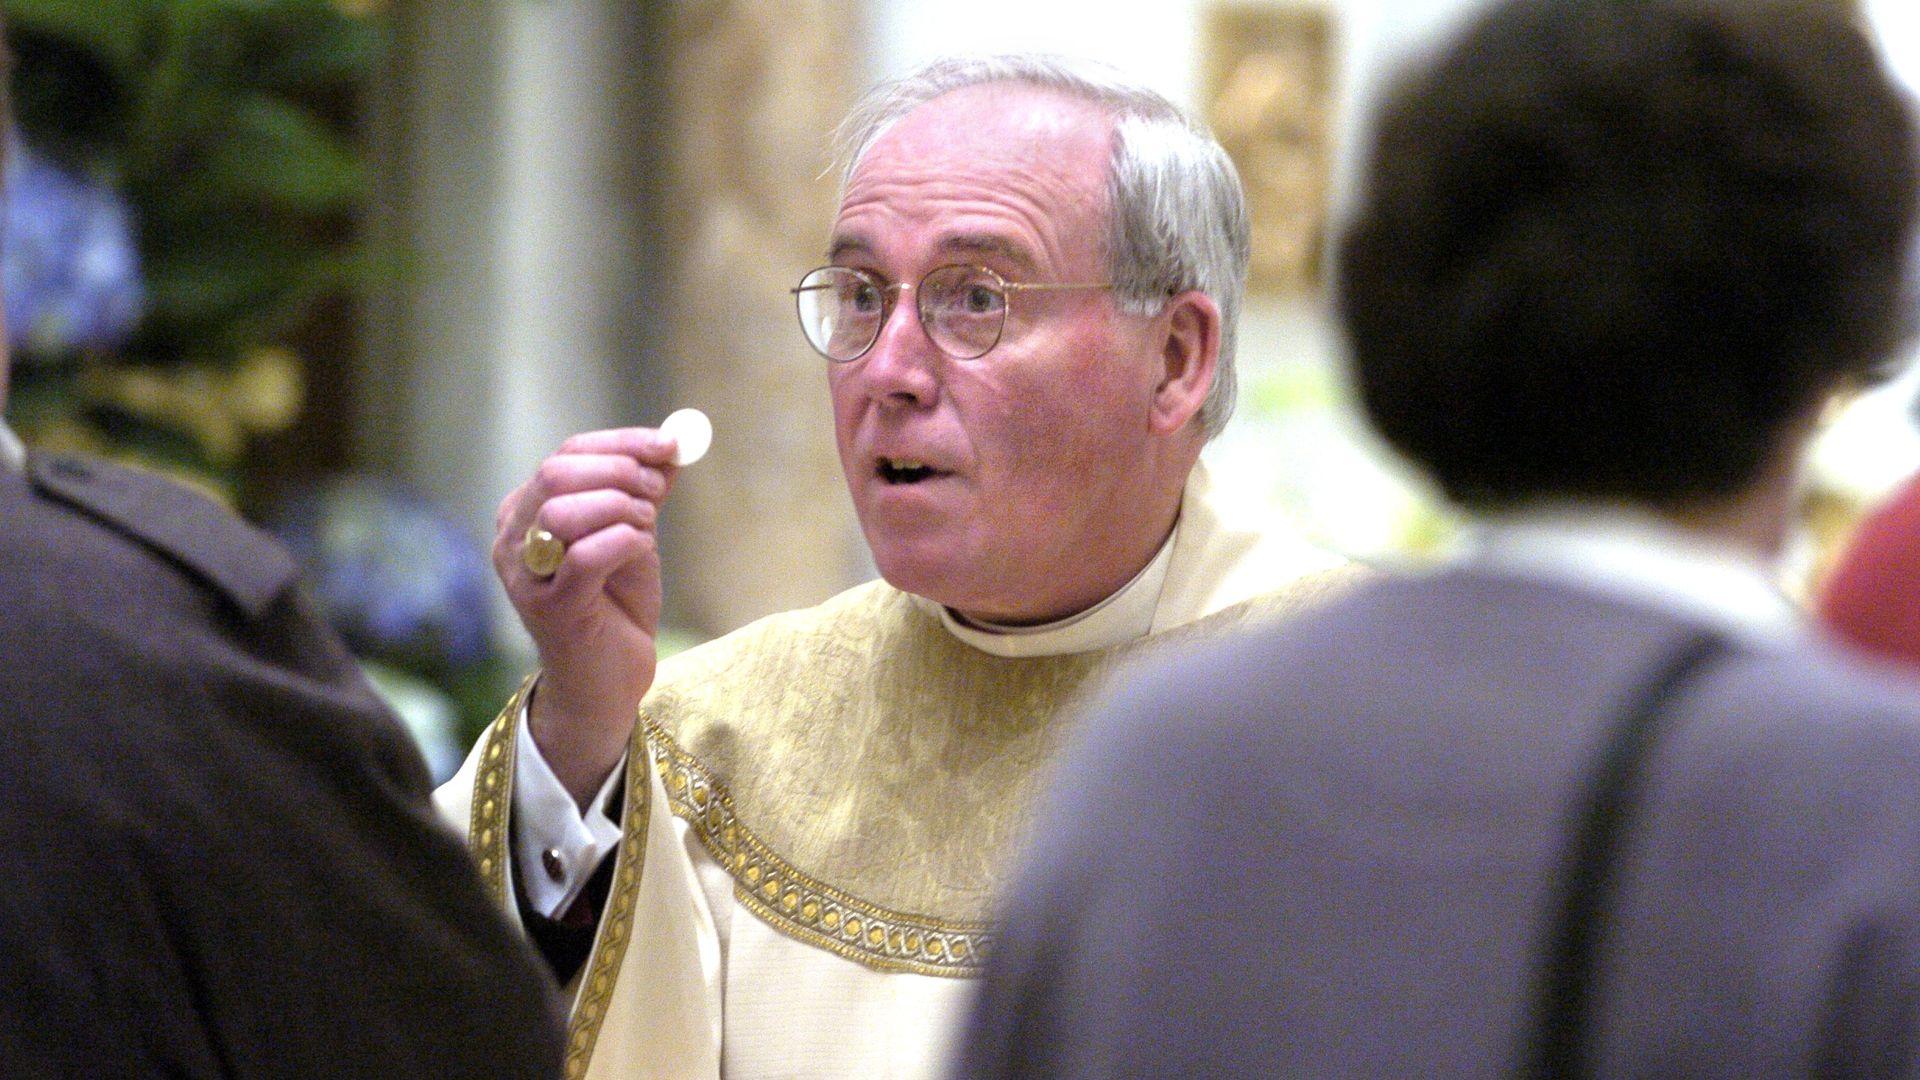 Bishop Richard J. Malone